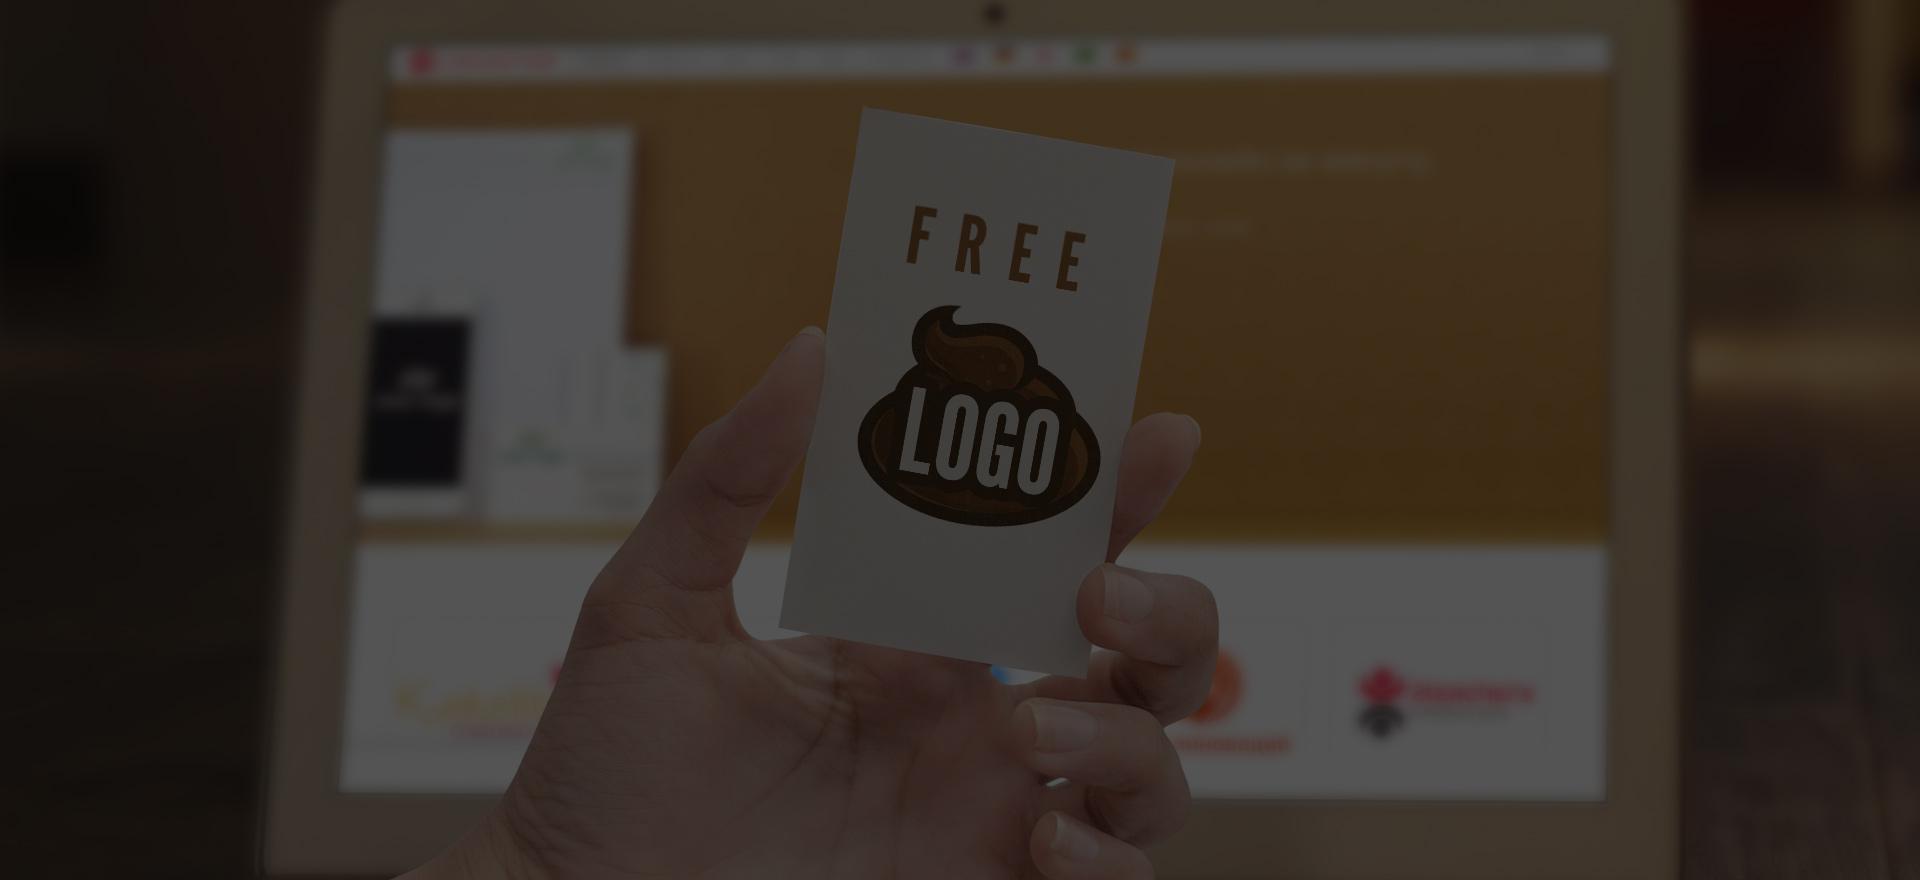 Сколько стоит бесплатный логотип?